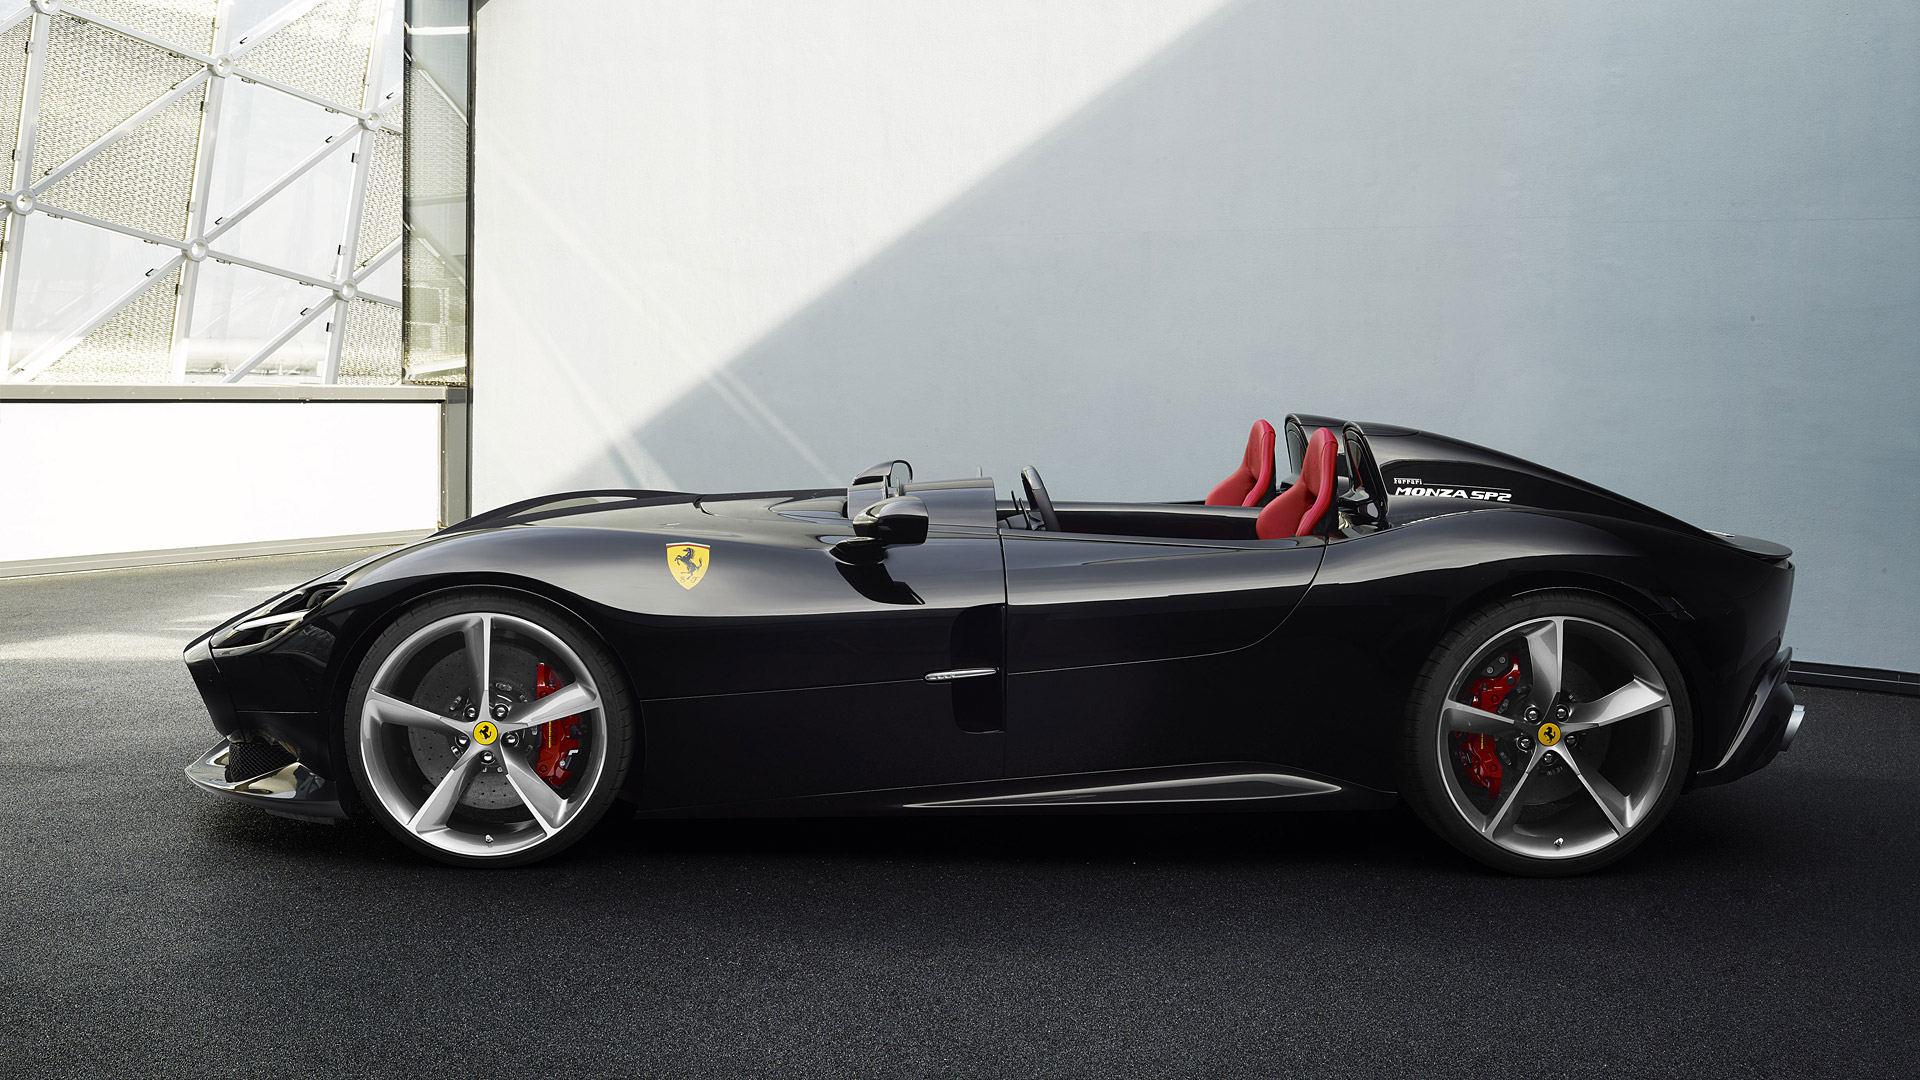 2019 Ferrari Monza SP2